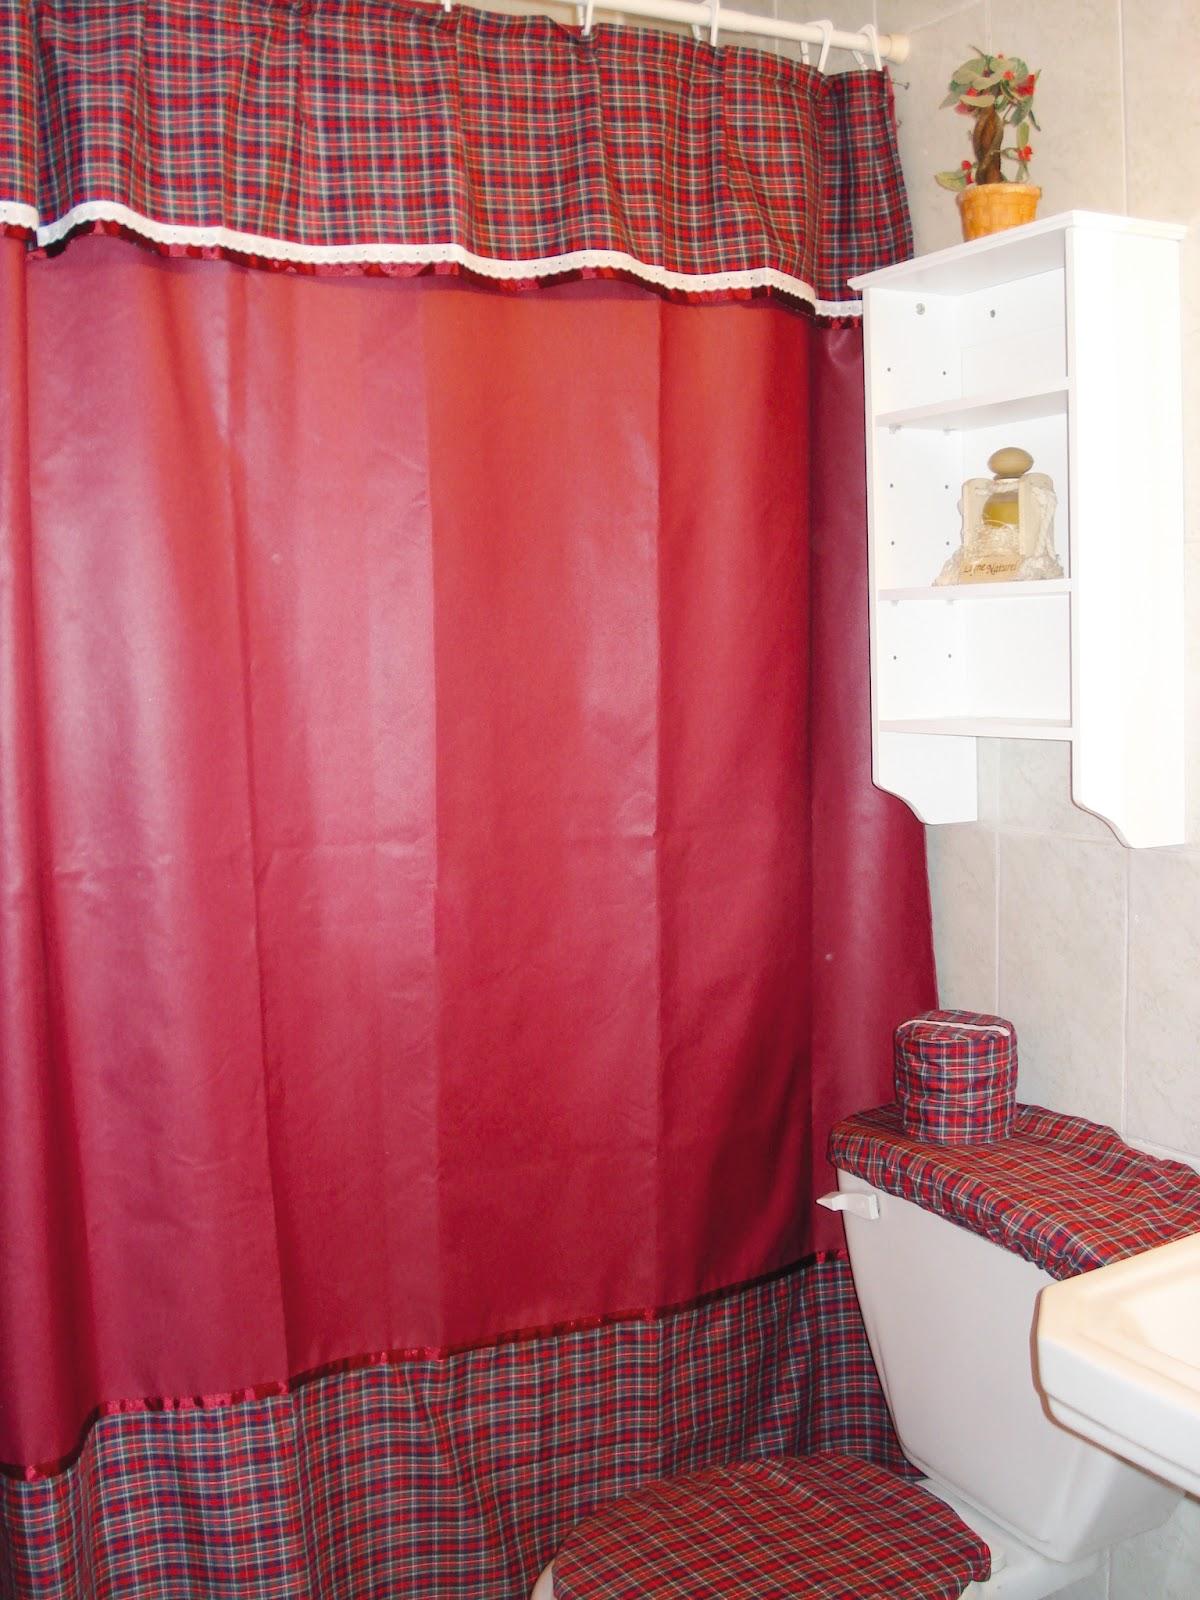 Rva dise os cortinas y set de ba o set de ba o popelina - Cortina bano diseno ...